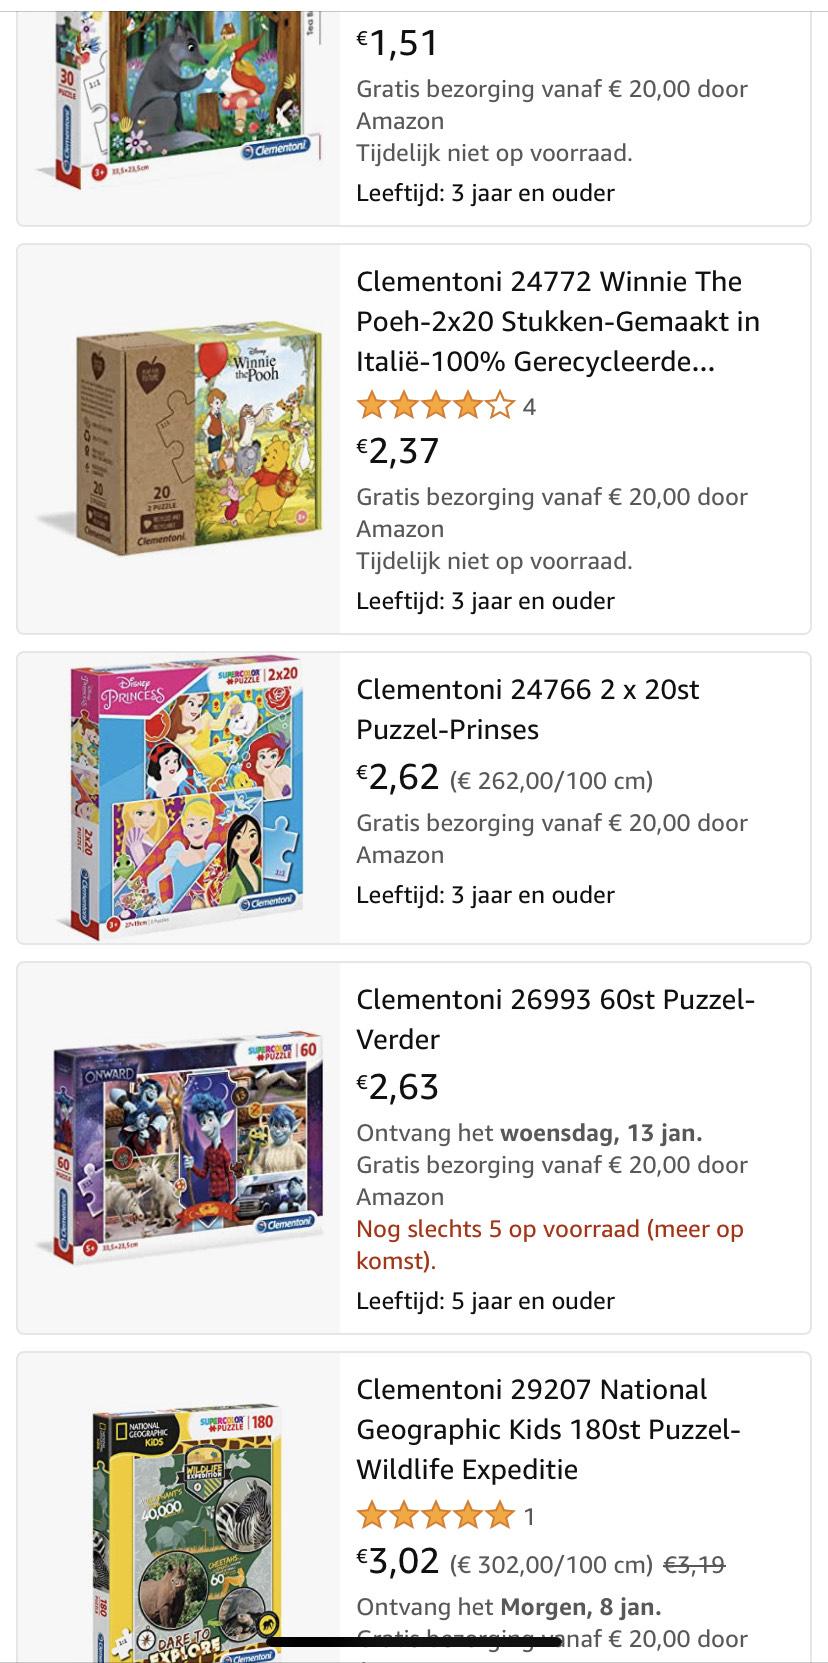 Clementoni Kinderpuzzels voor kleine prijsjes @ Amazon NL